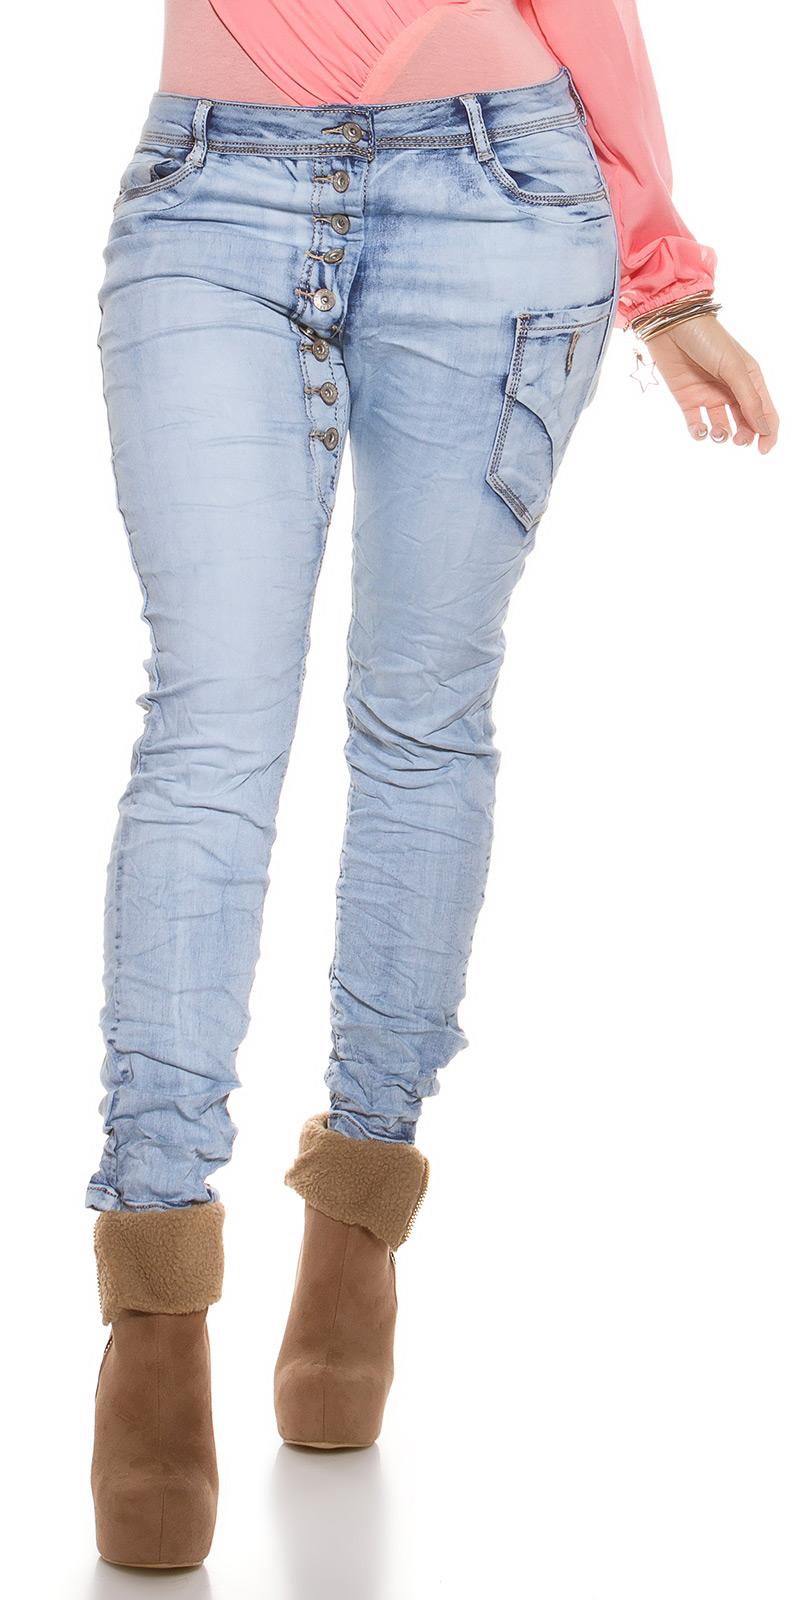 Jeans Lovalee (48)